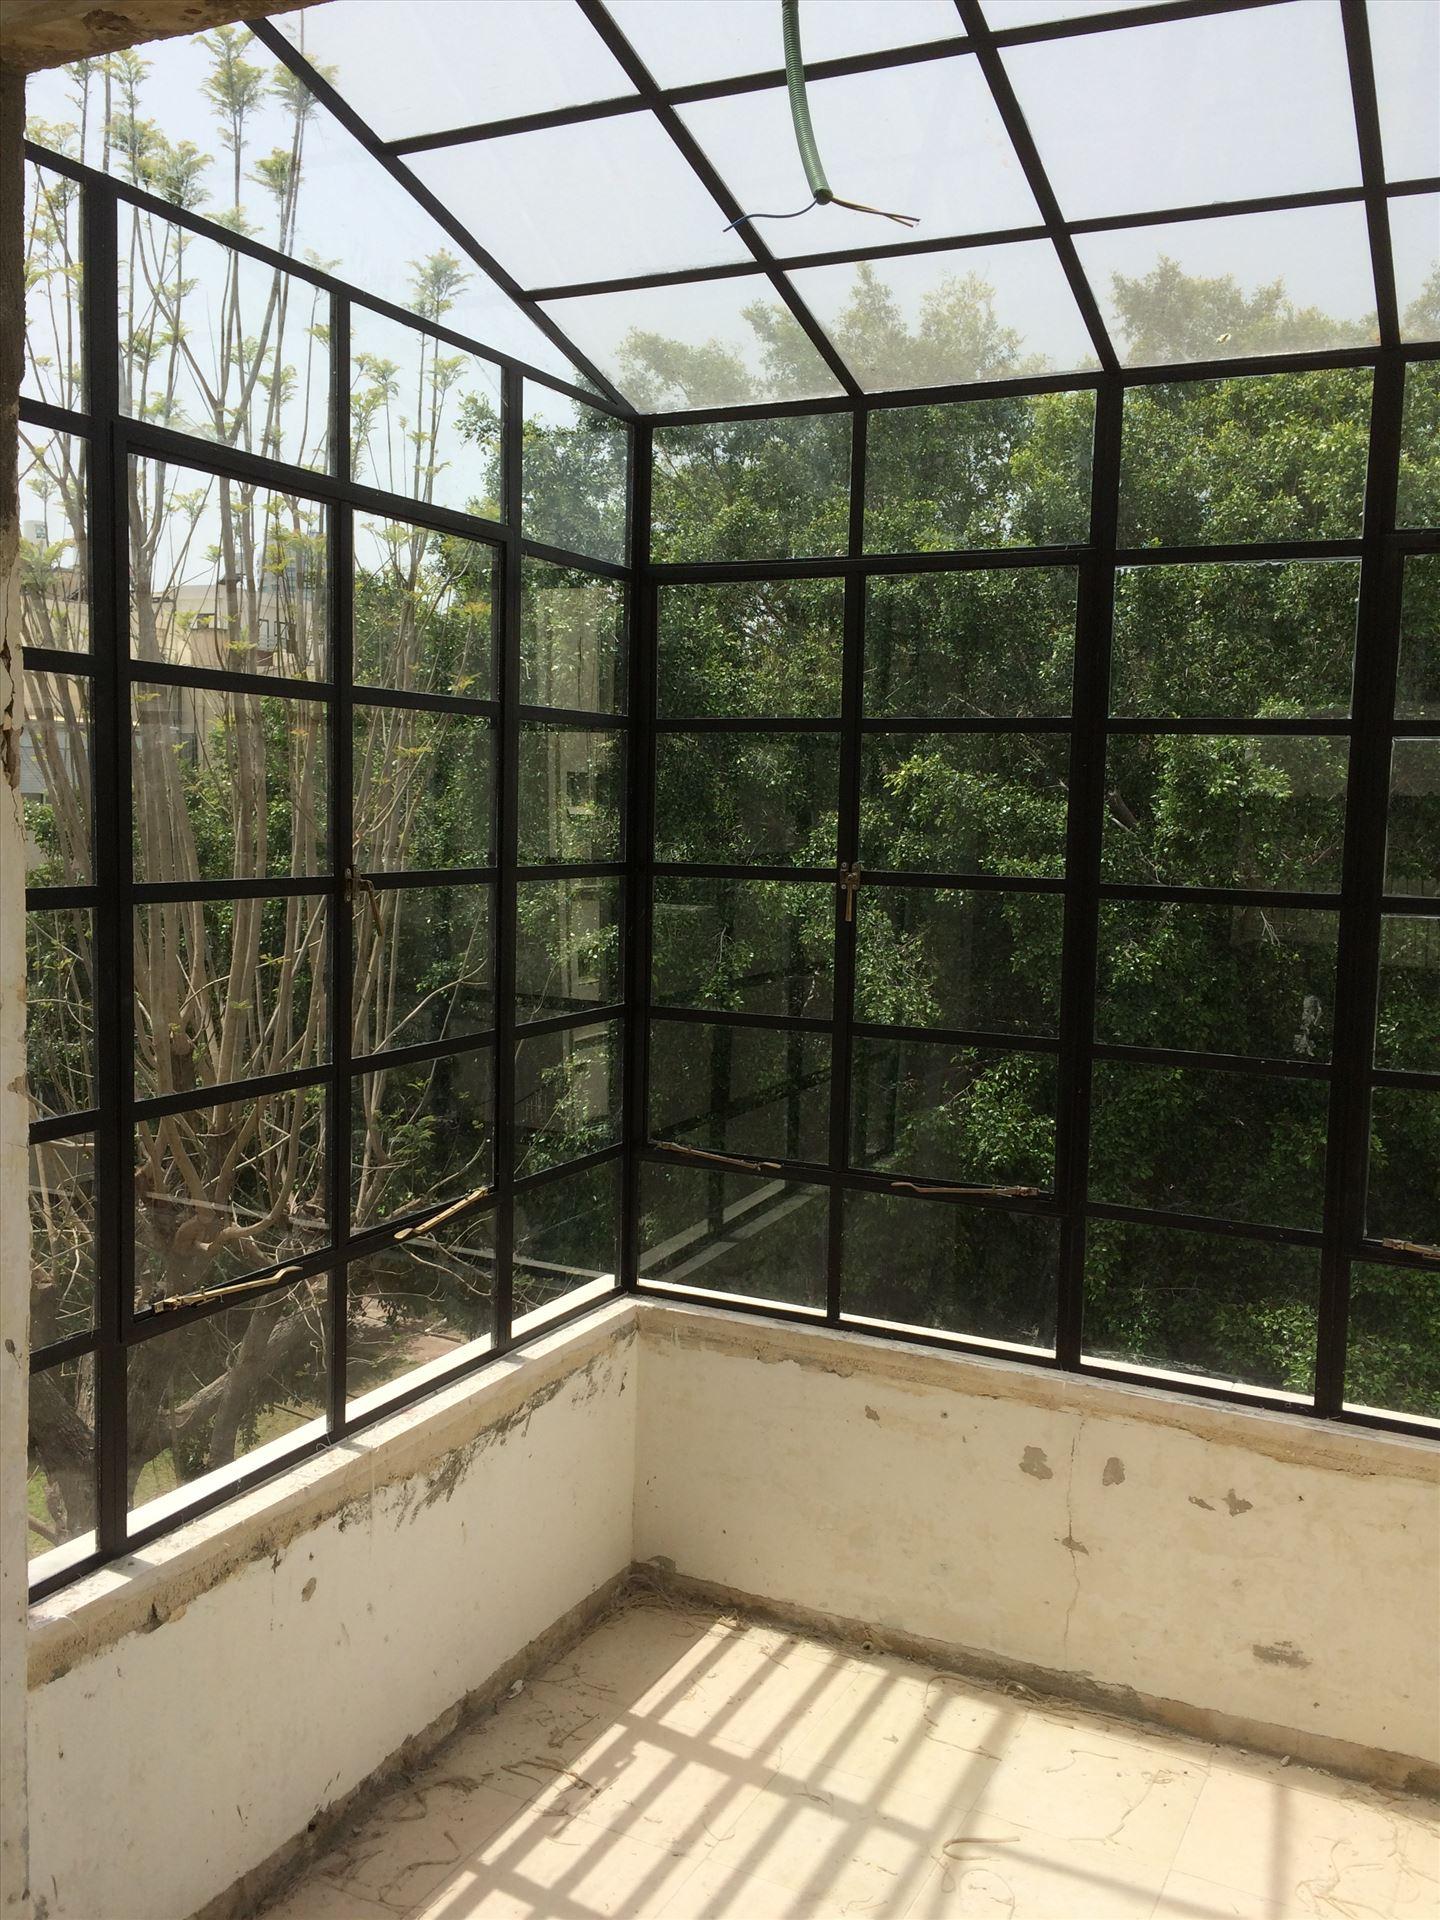 מרפסת הדירה סגורה בפרופיל בלגי מיוחד